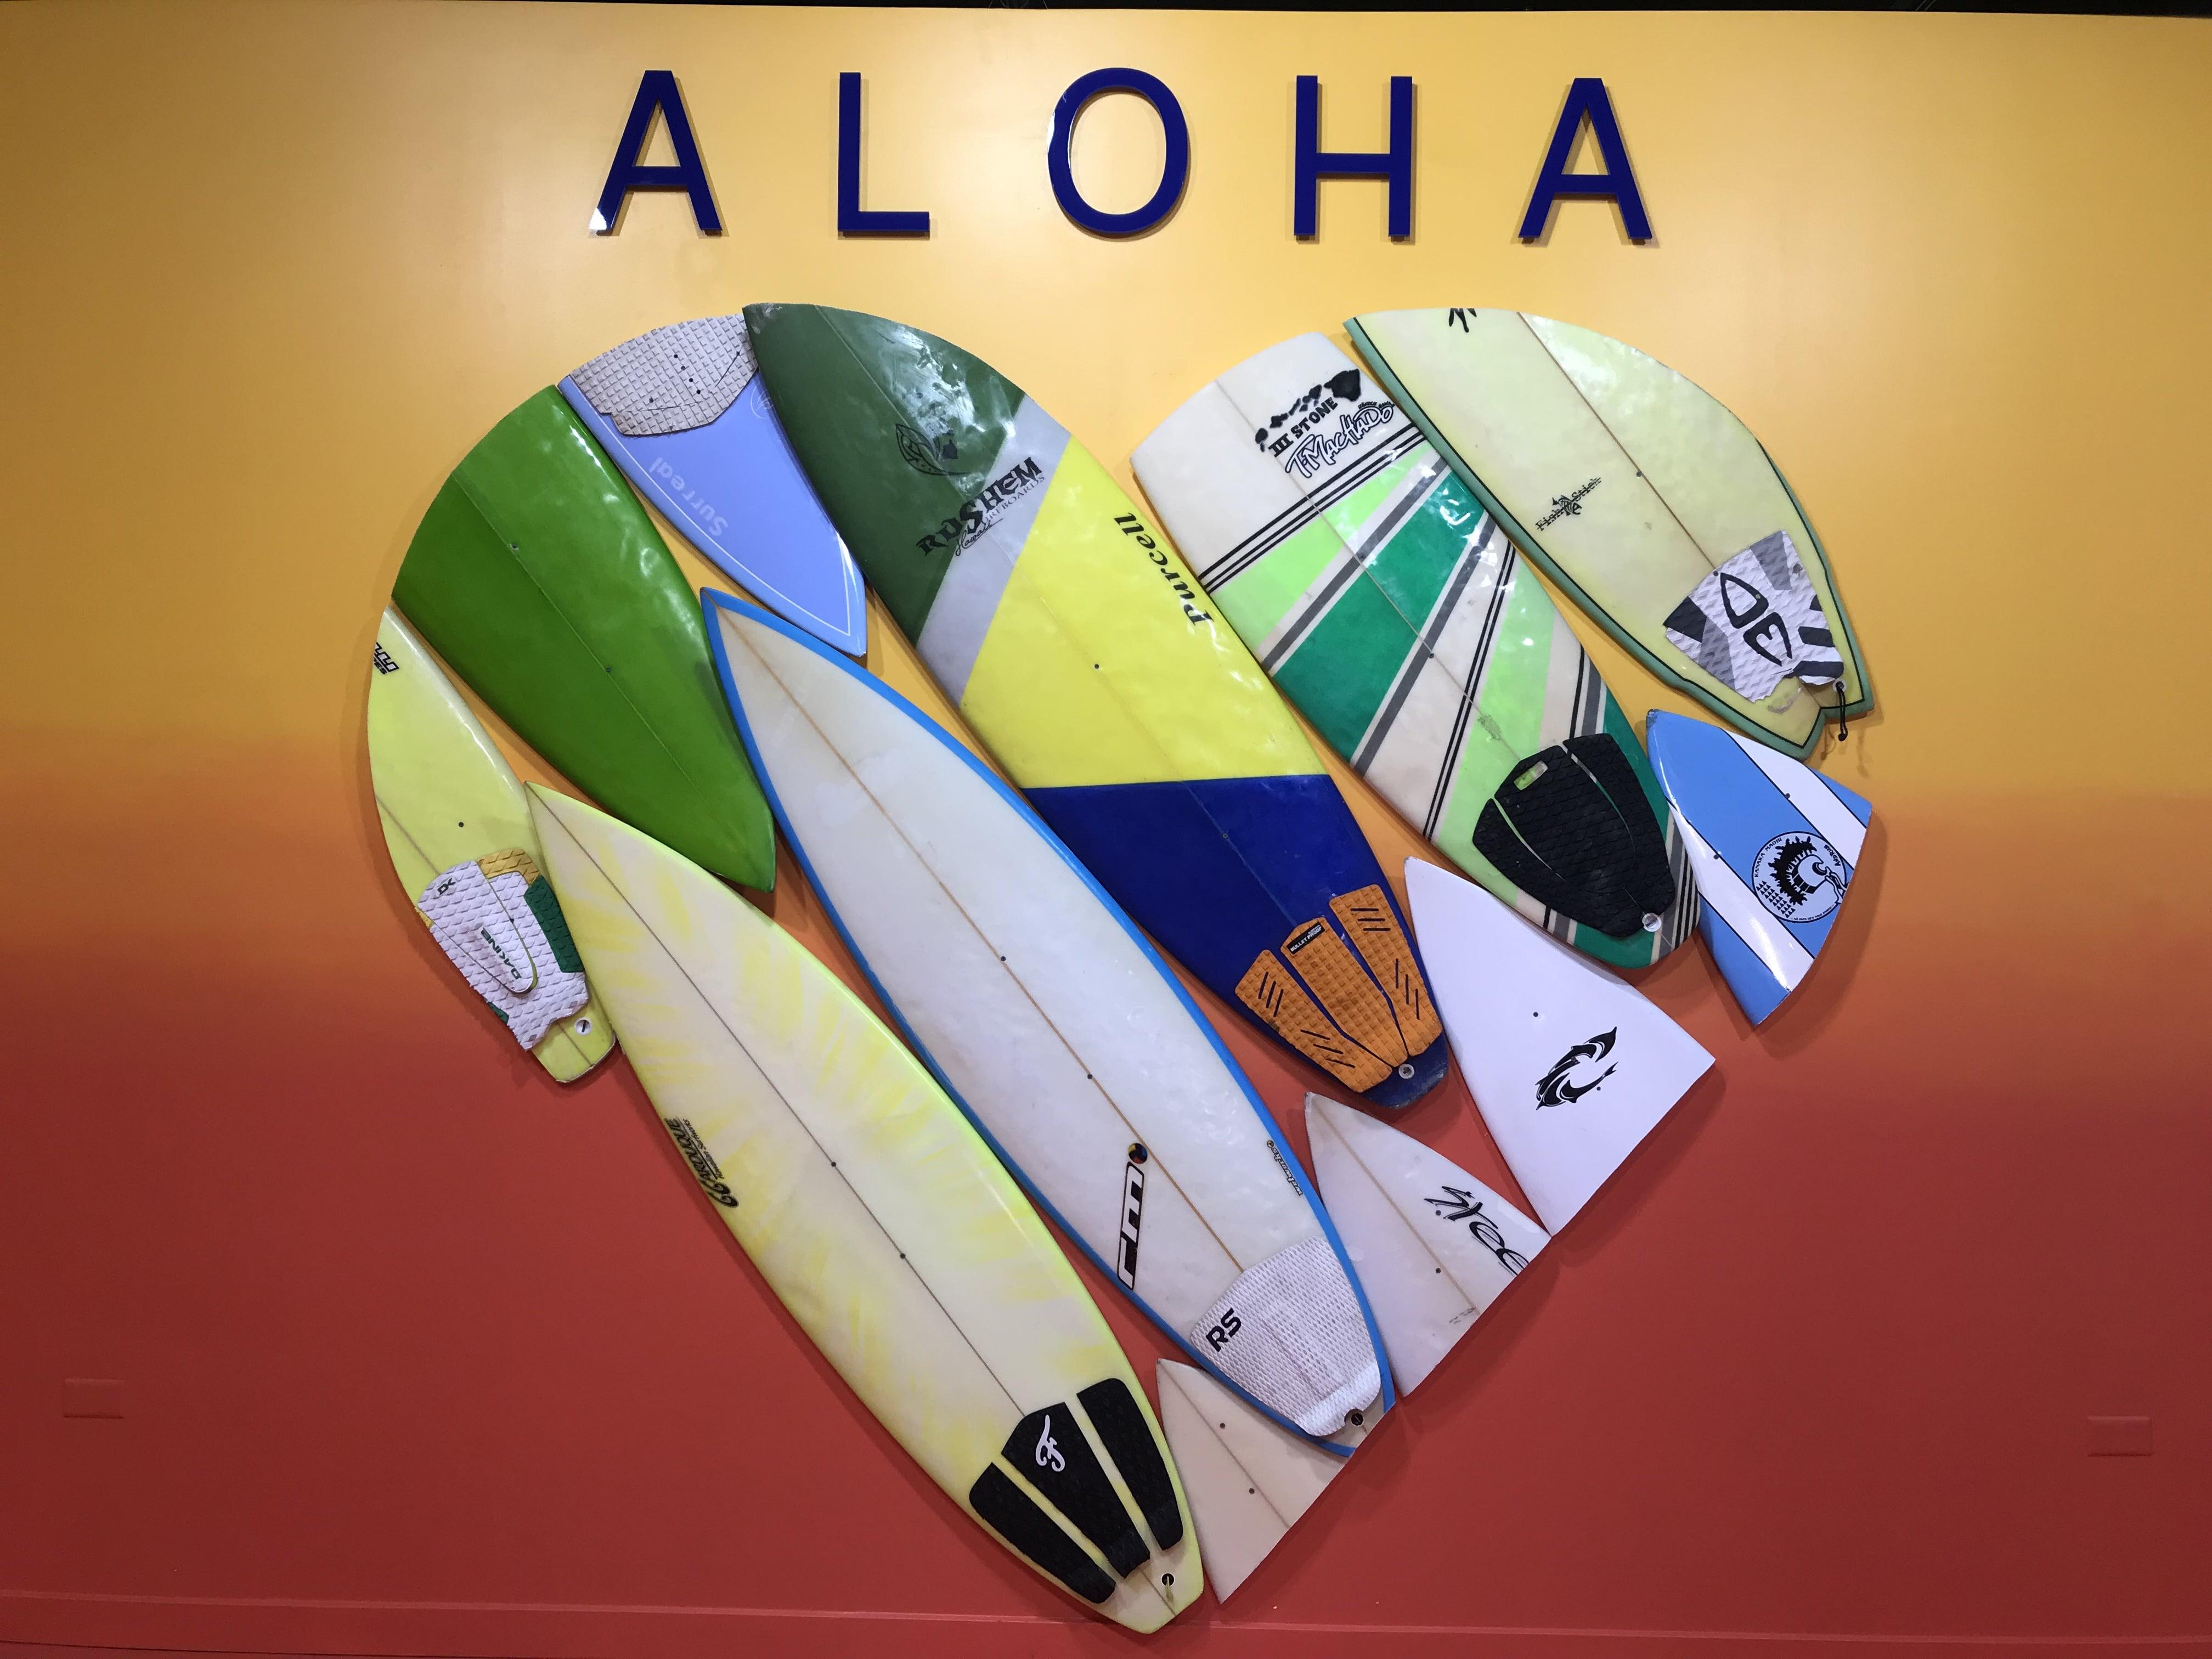 Epic Aloha Interactive Photo Experience - Epic Aloha Honolulu - Epic Aloha Hawaii - Instagram Museum - What To Do In Hawaii On A Rainy Day - Epic Aloha Review #Oahu #Hawaii #TravelBlog